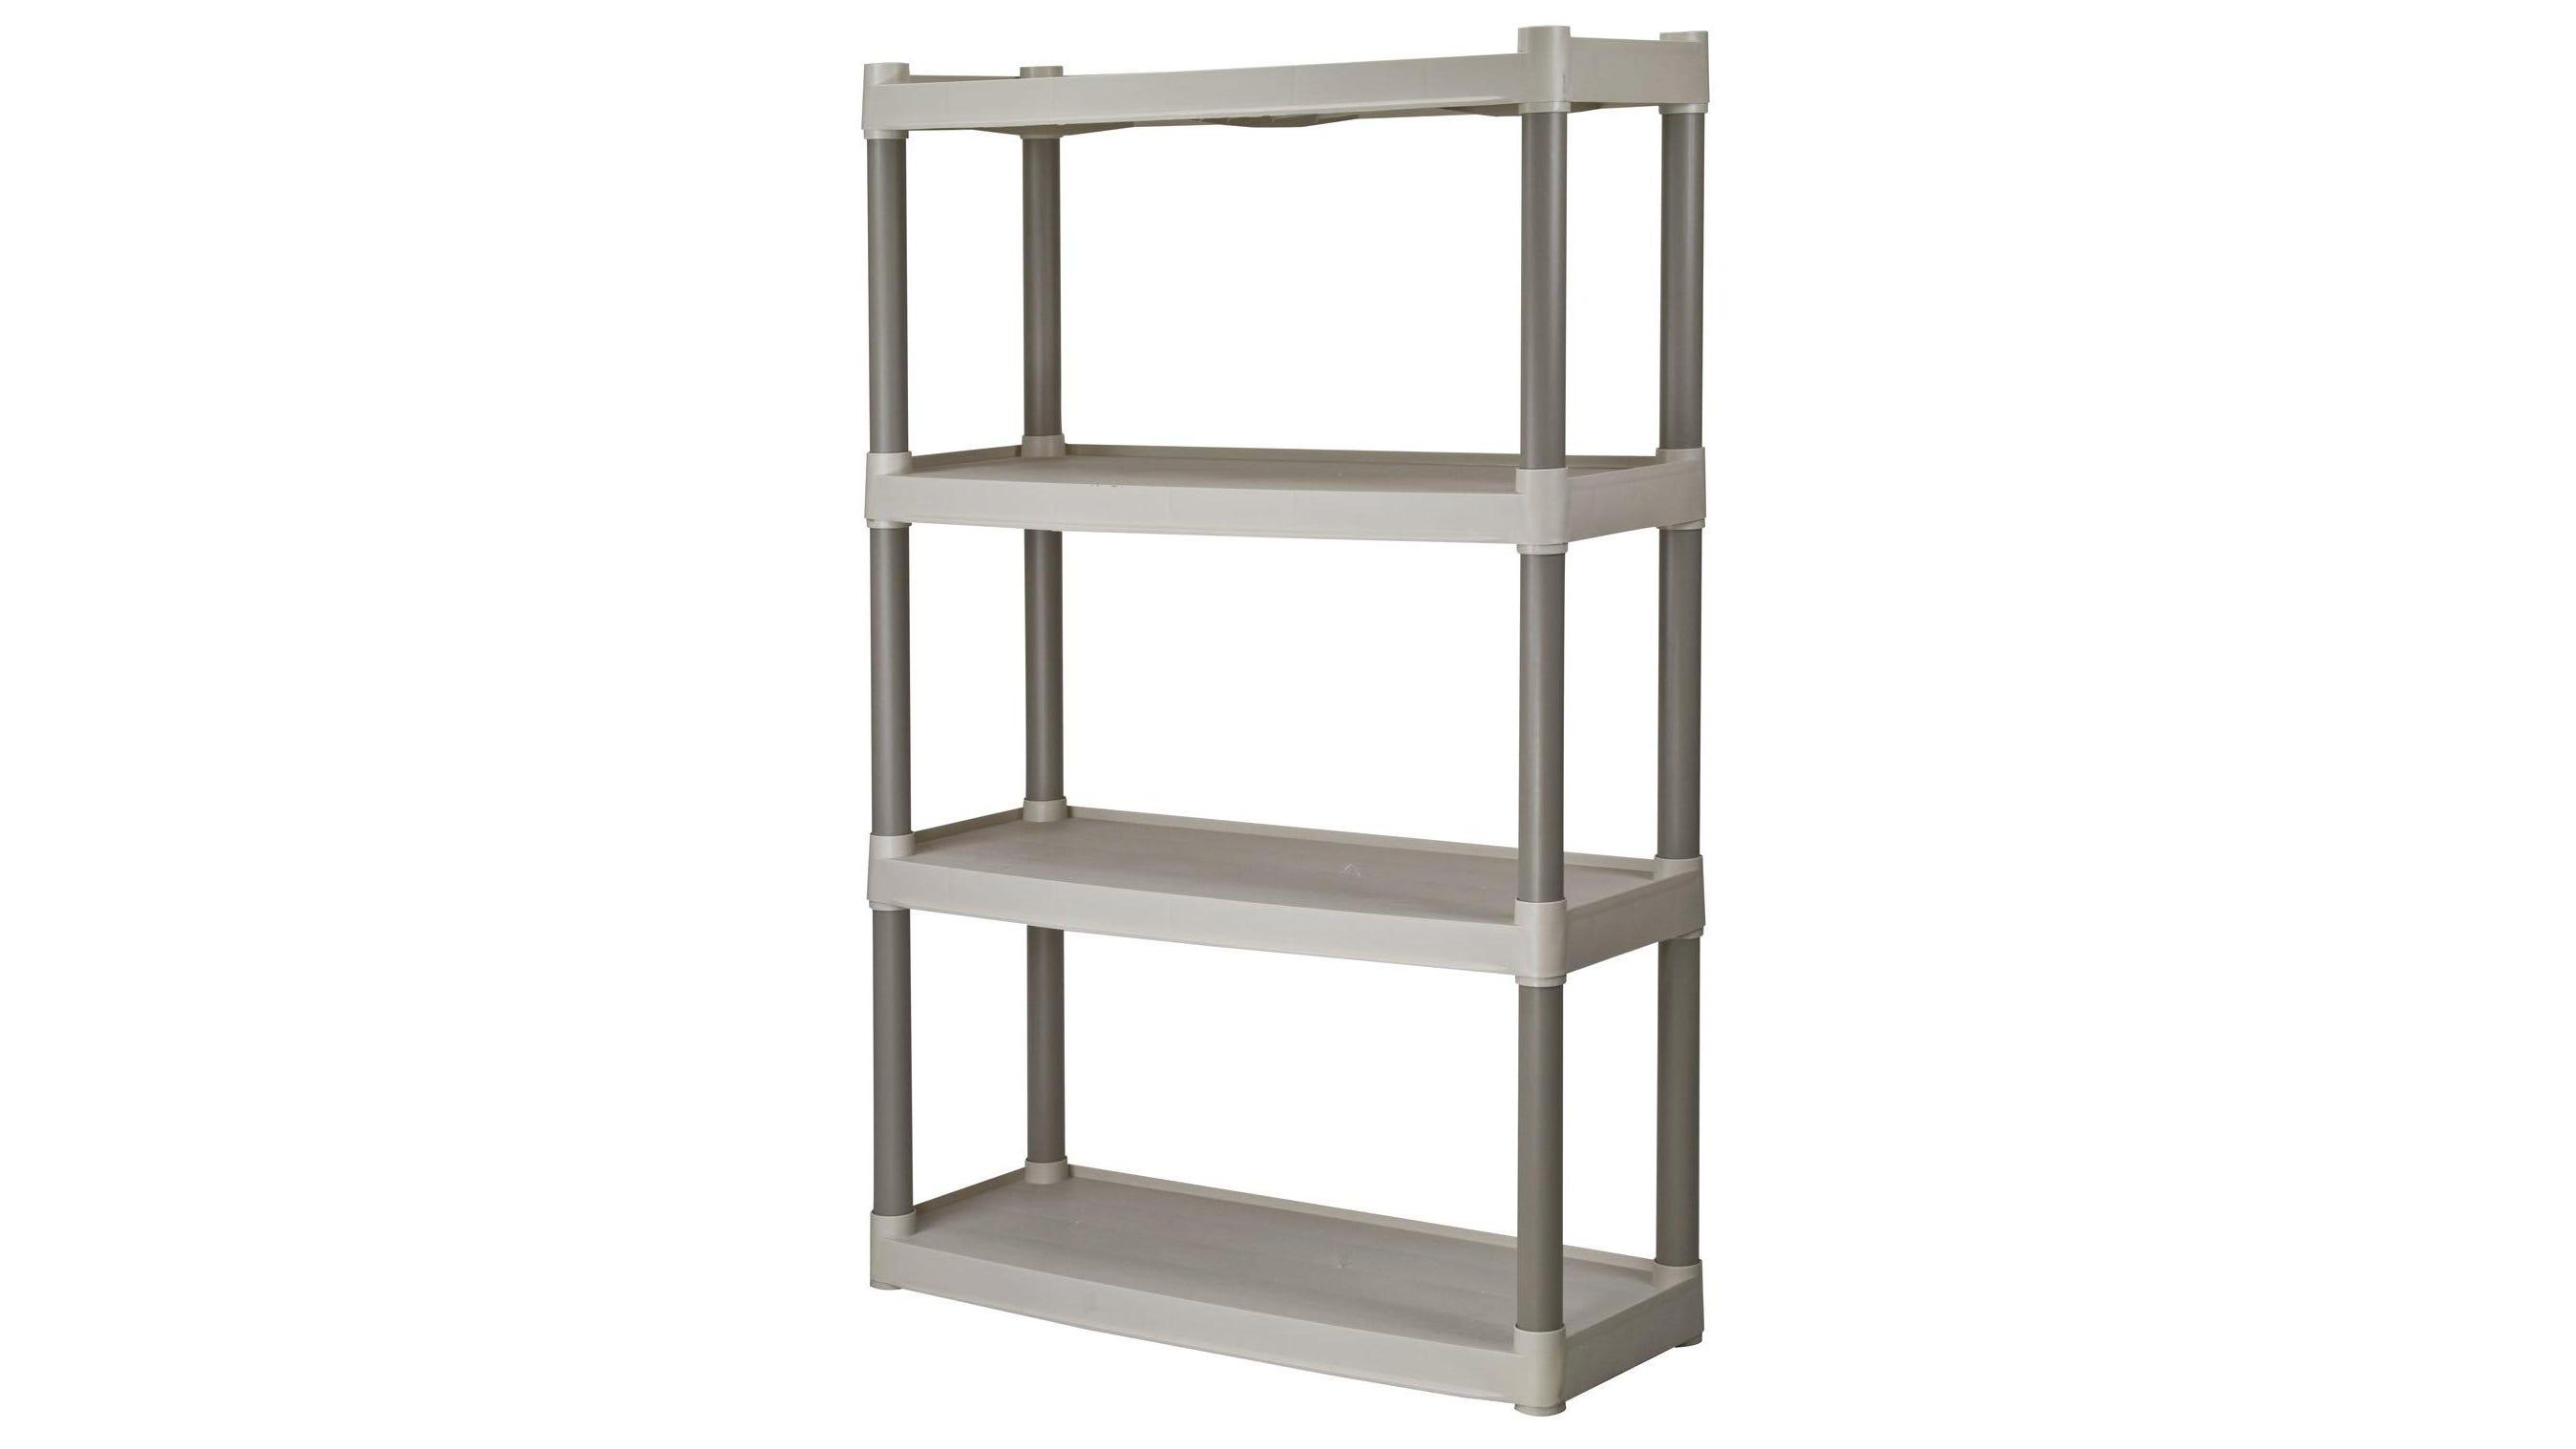 A Plano Molding Four-Shelf Garage Shelf.